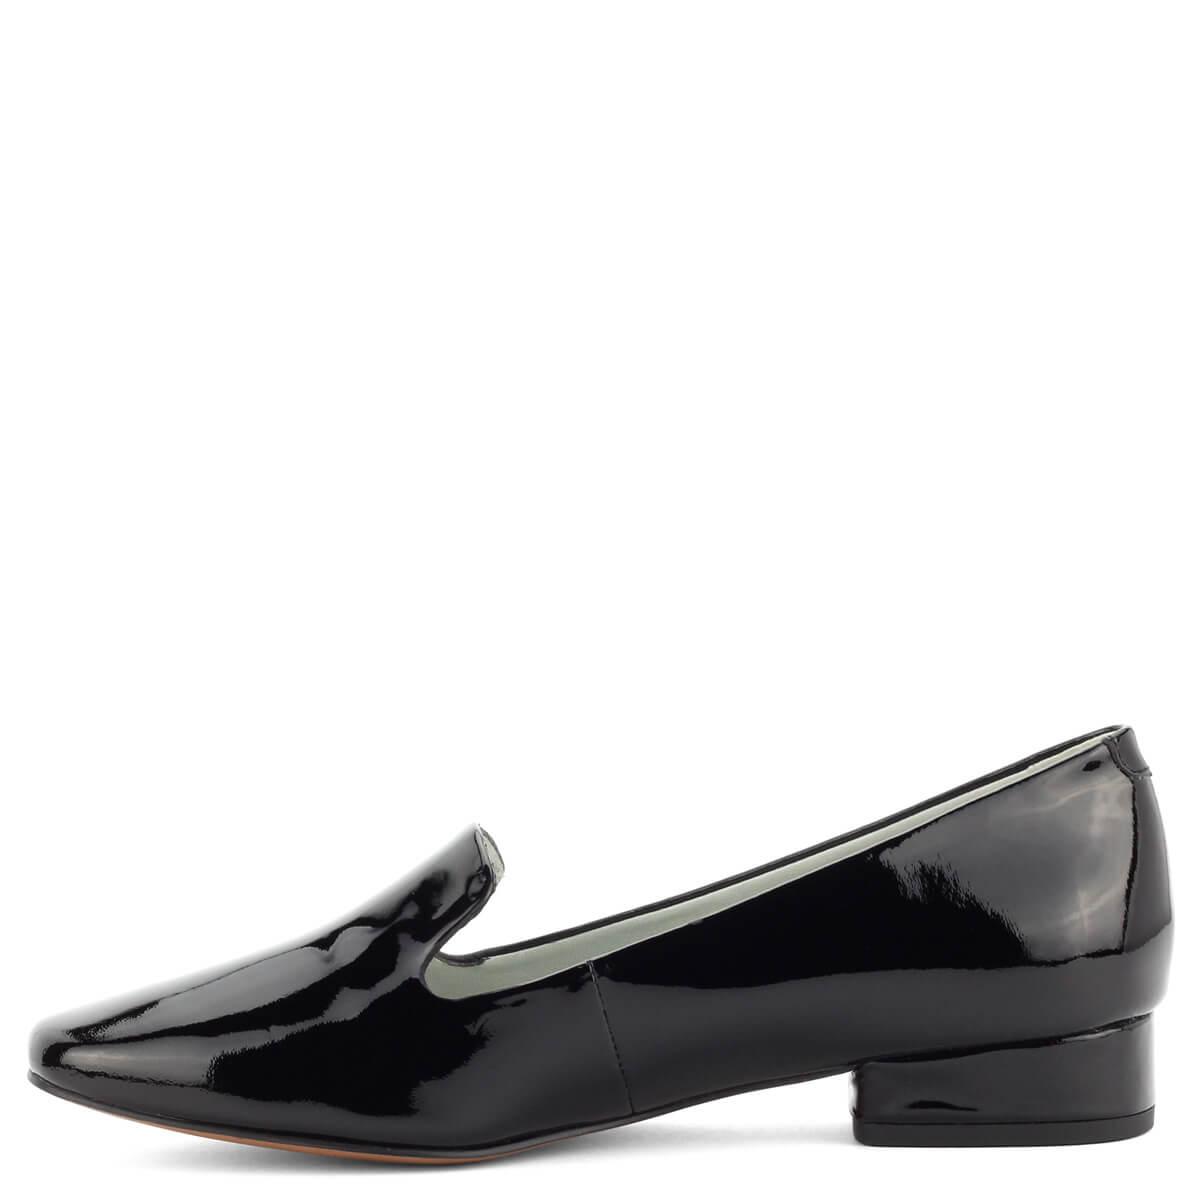 Be Natural női cipő fekete lakk bőr felsőrésszel 2,5 cm